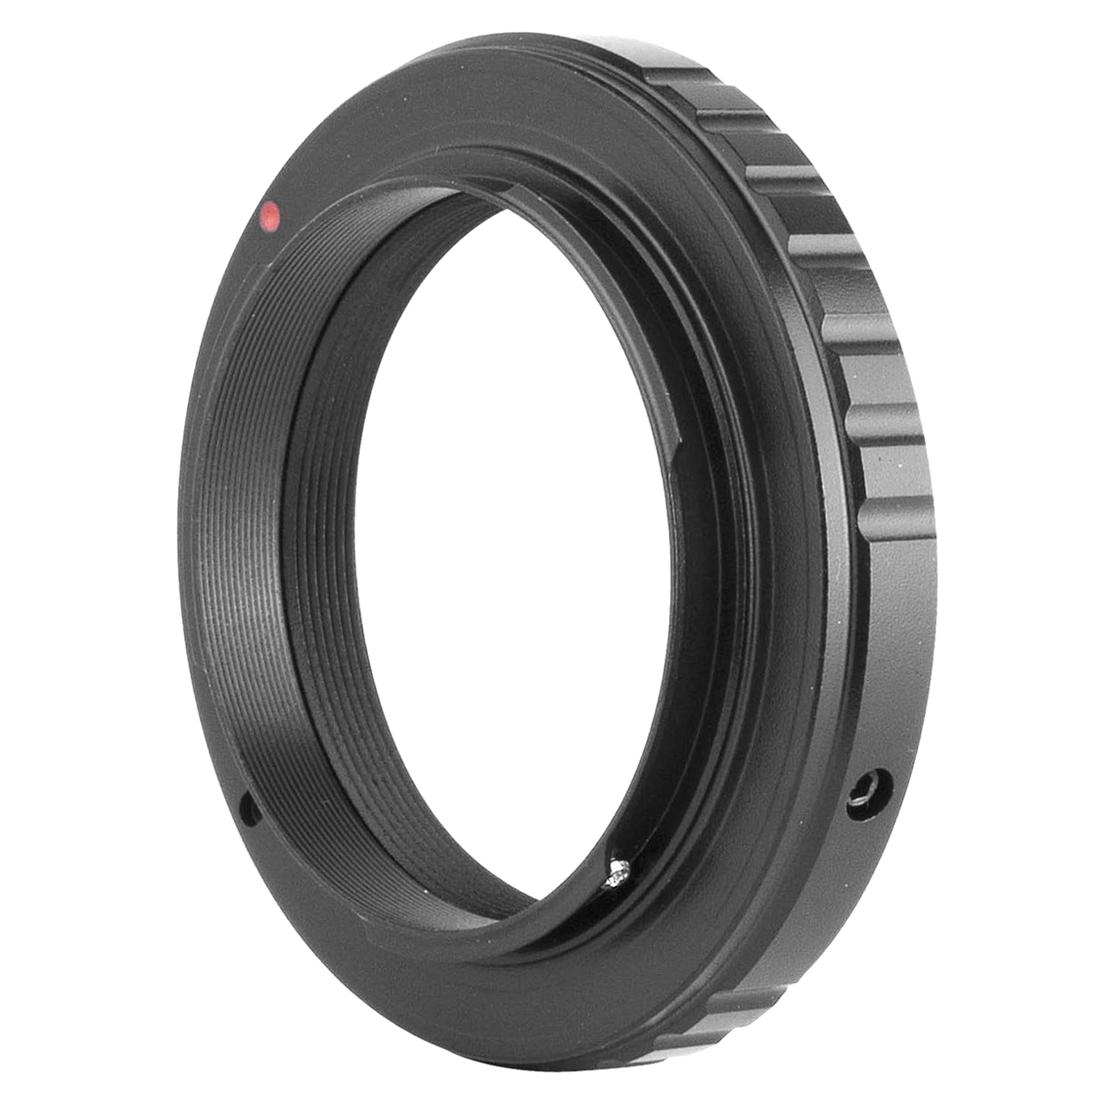 Adapter-For-T2-Lens-to-Nikon-F-Mount-Camera-Body-D50-D70-D80-D90-D600-D5100-D3-3